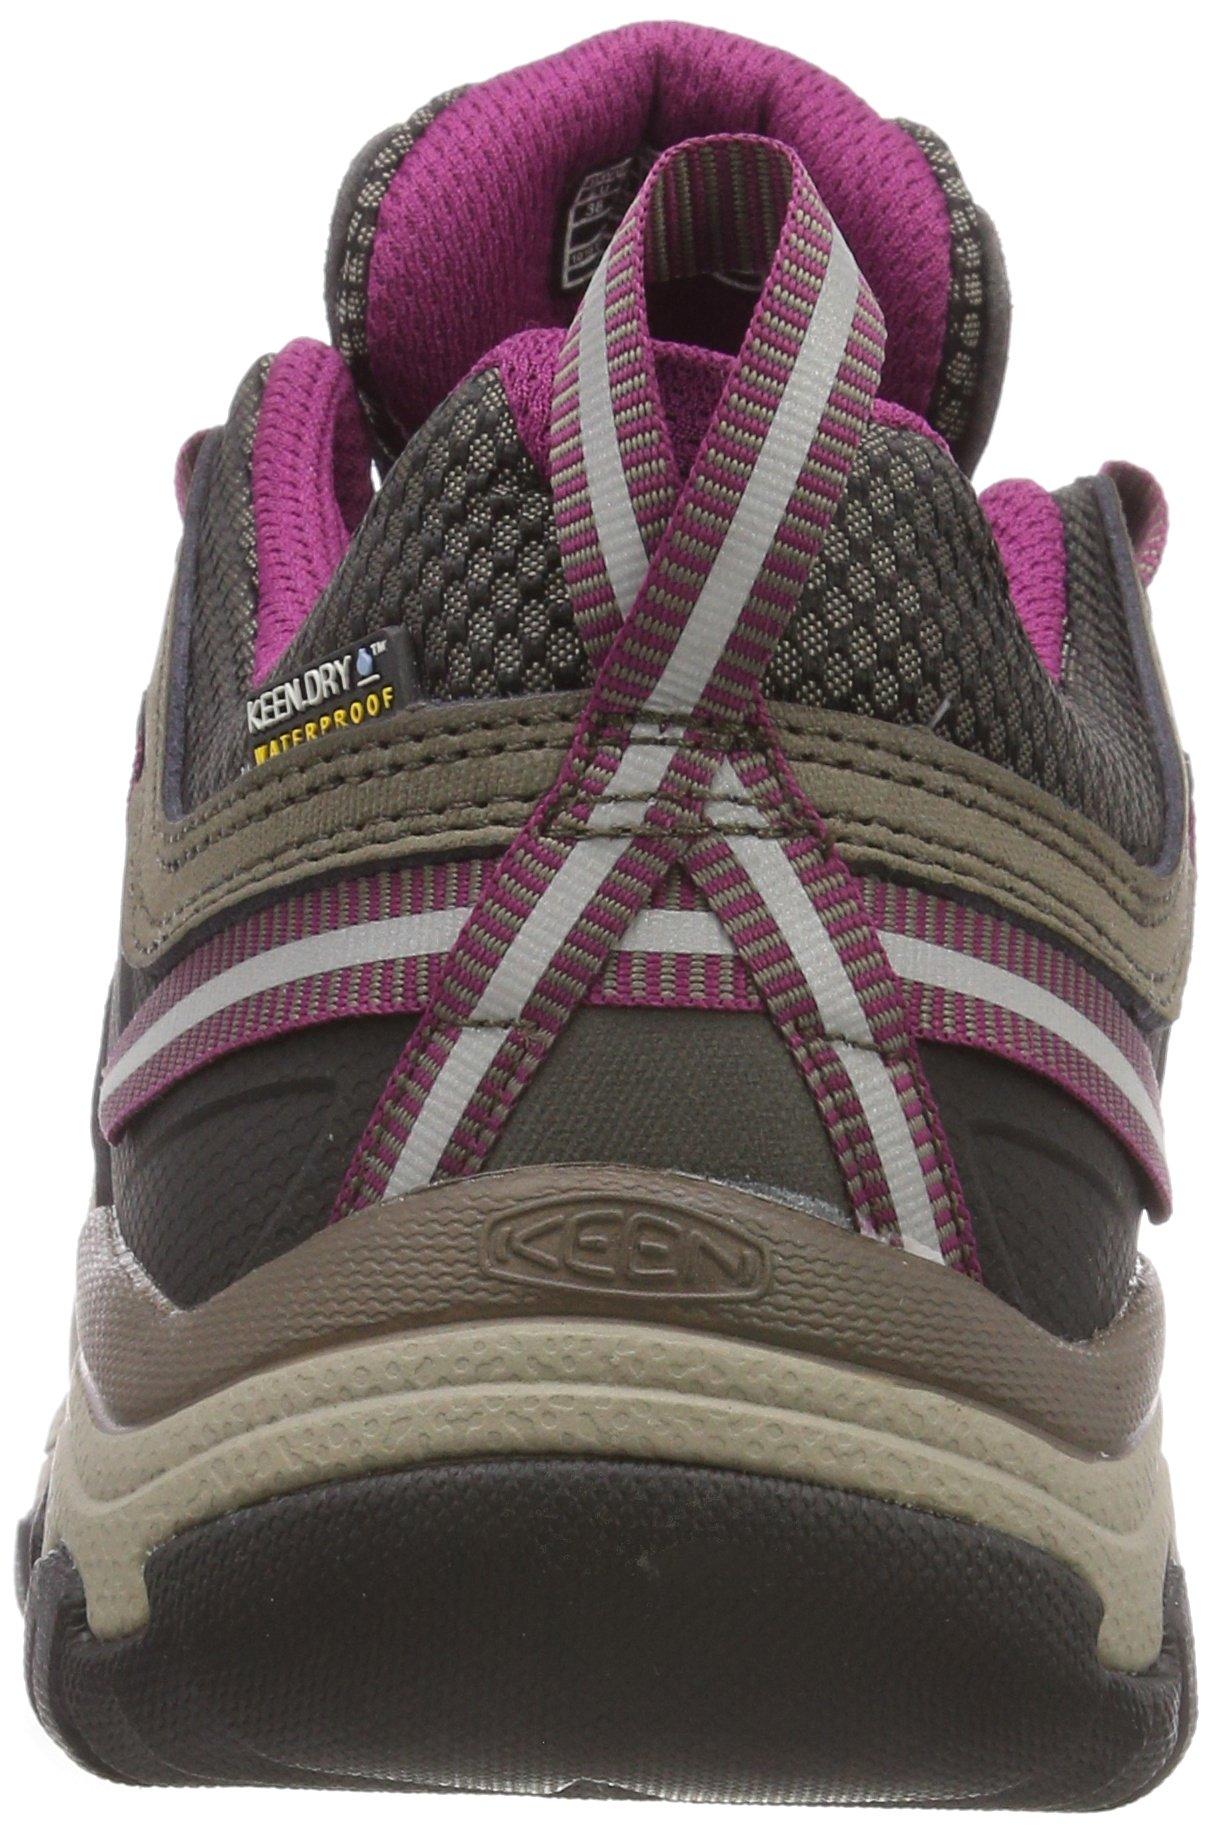 KEEN Women's Targhee Iii Wp Low Rise Hiking Shoes 2